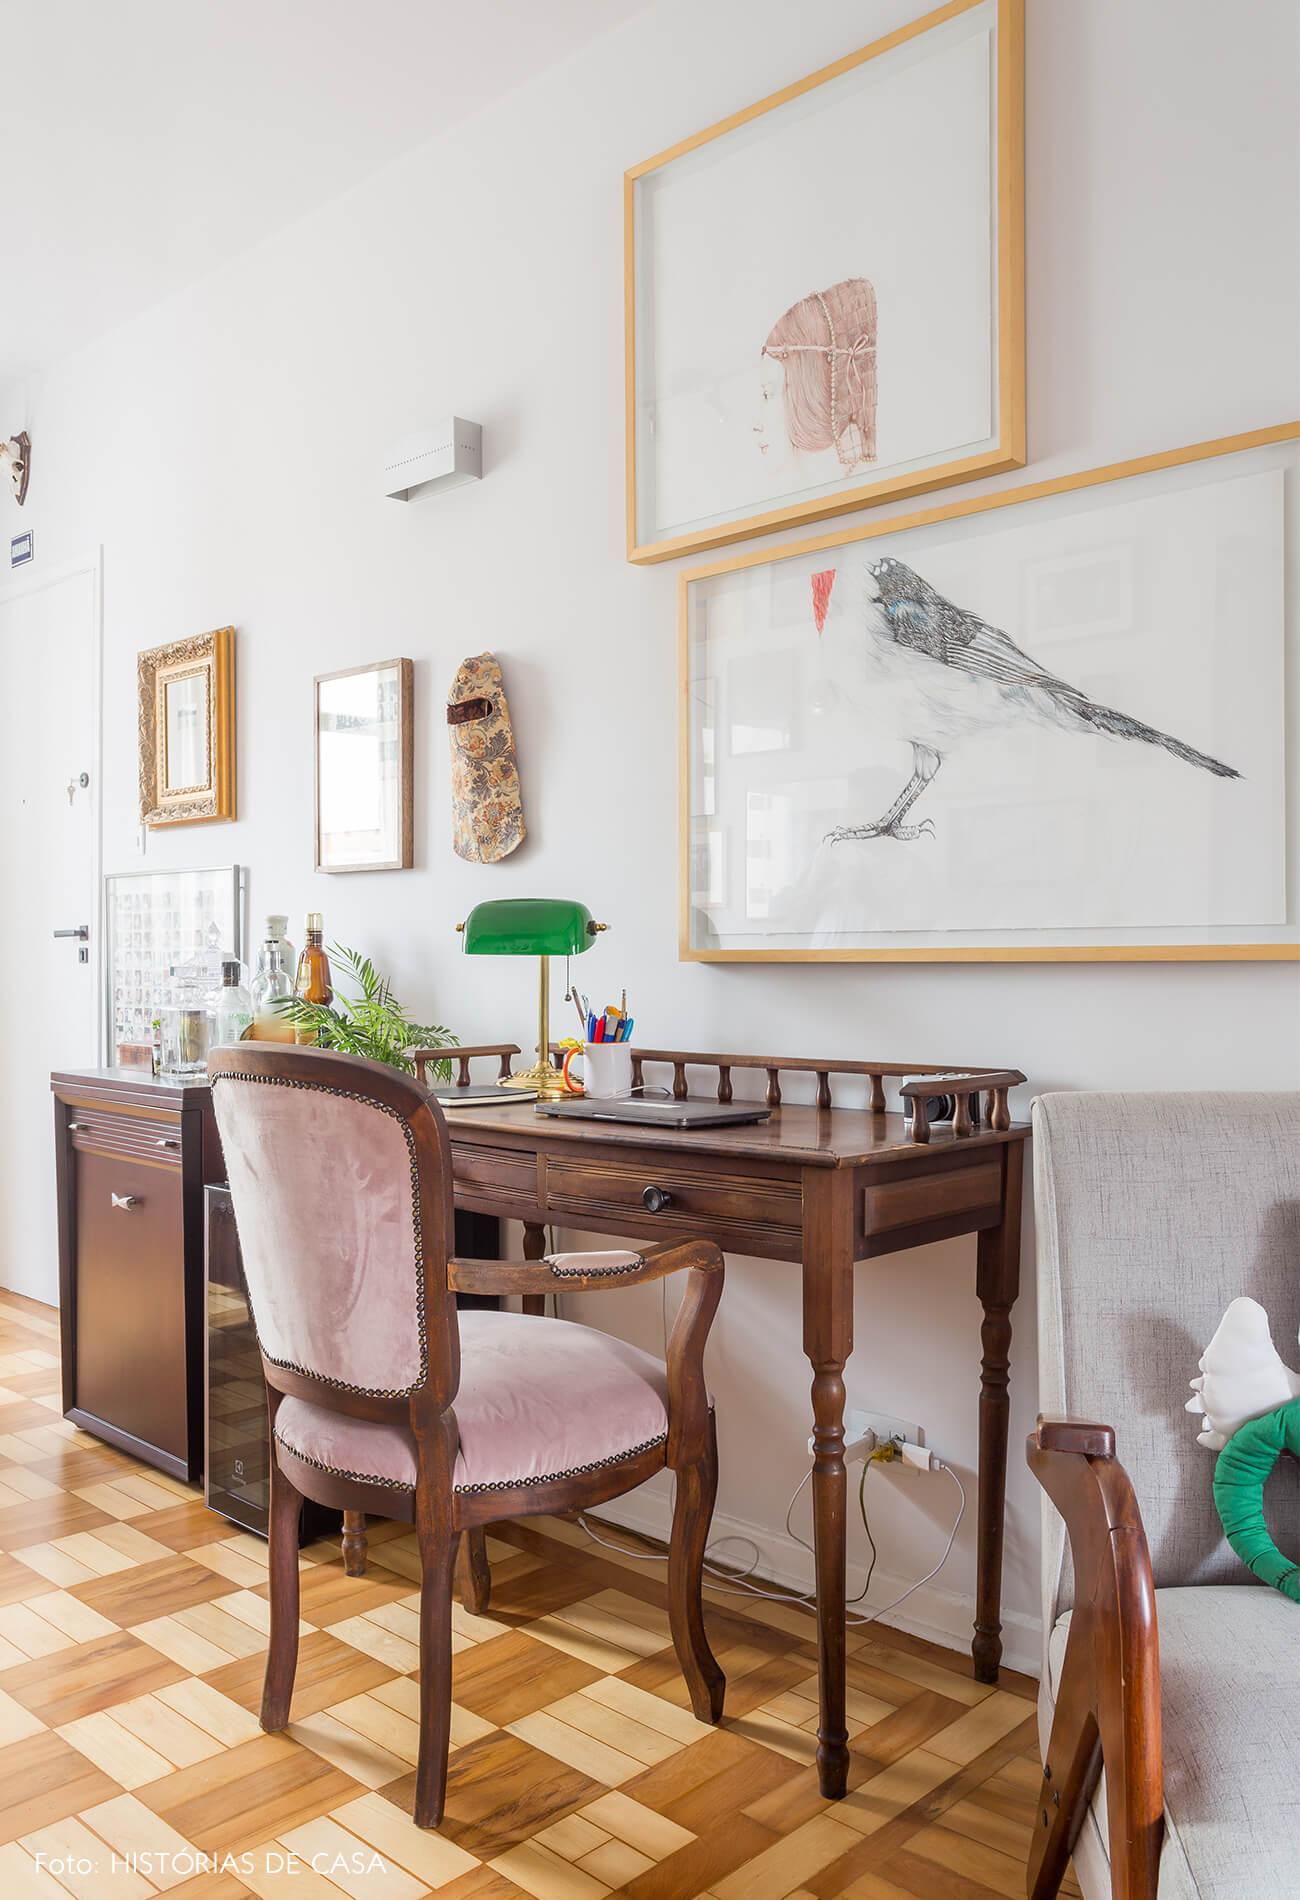 decoração sala com escrivaninha e cadeira de madeira vintage e muitos quadros